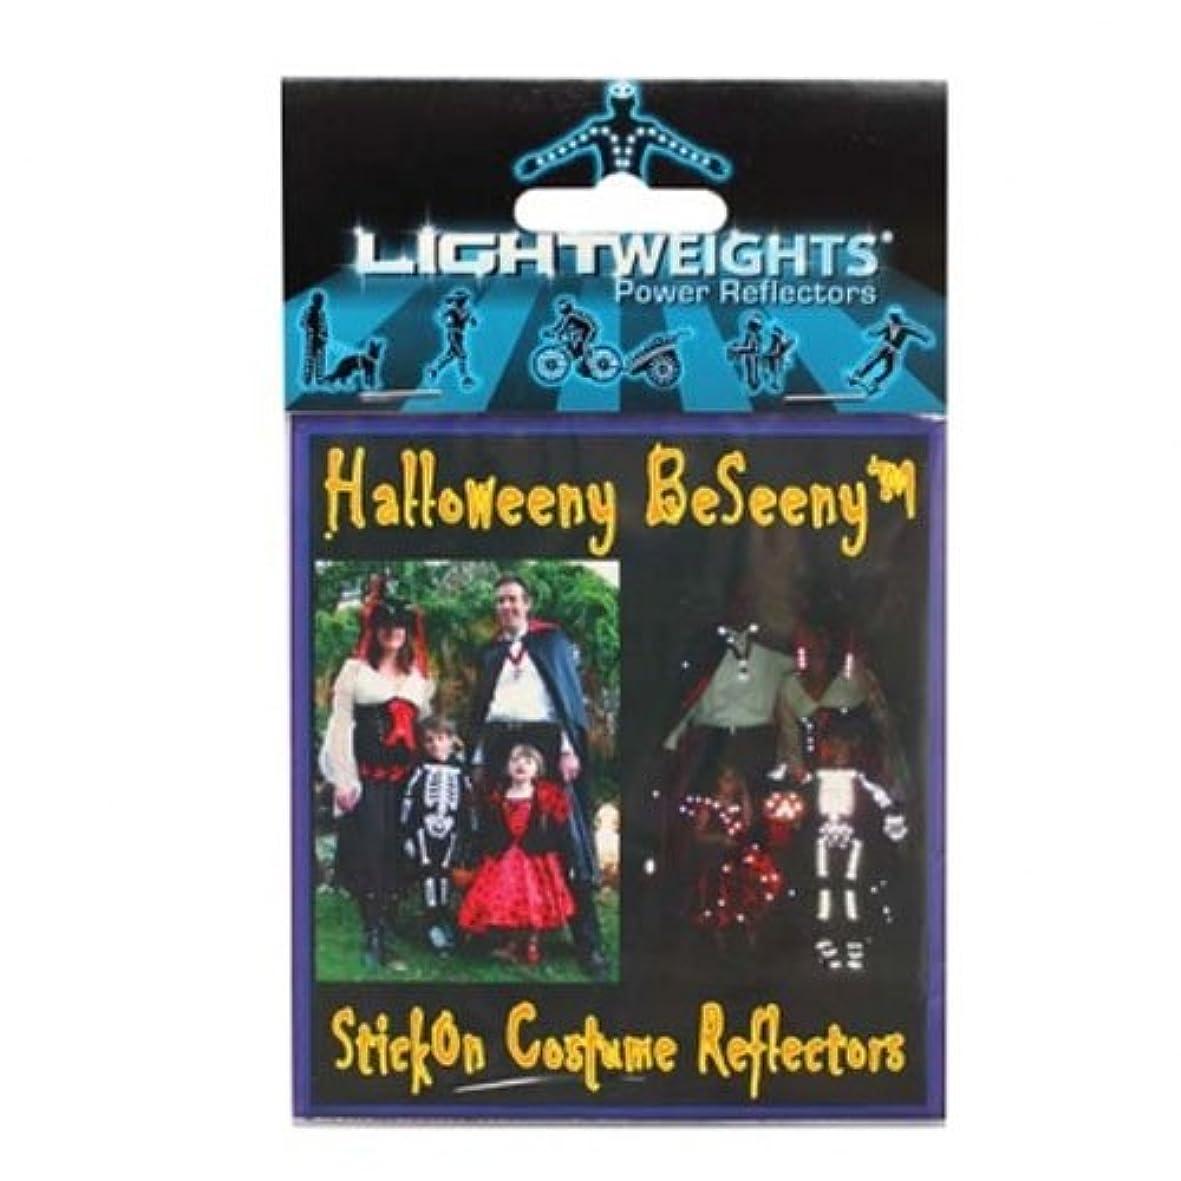 舗装する論理開梱ライトウェイツパワーリフレクター Halloweeny BeSeeny 20 シルバー